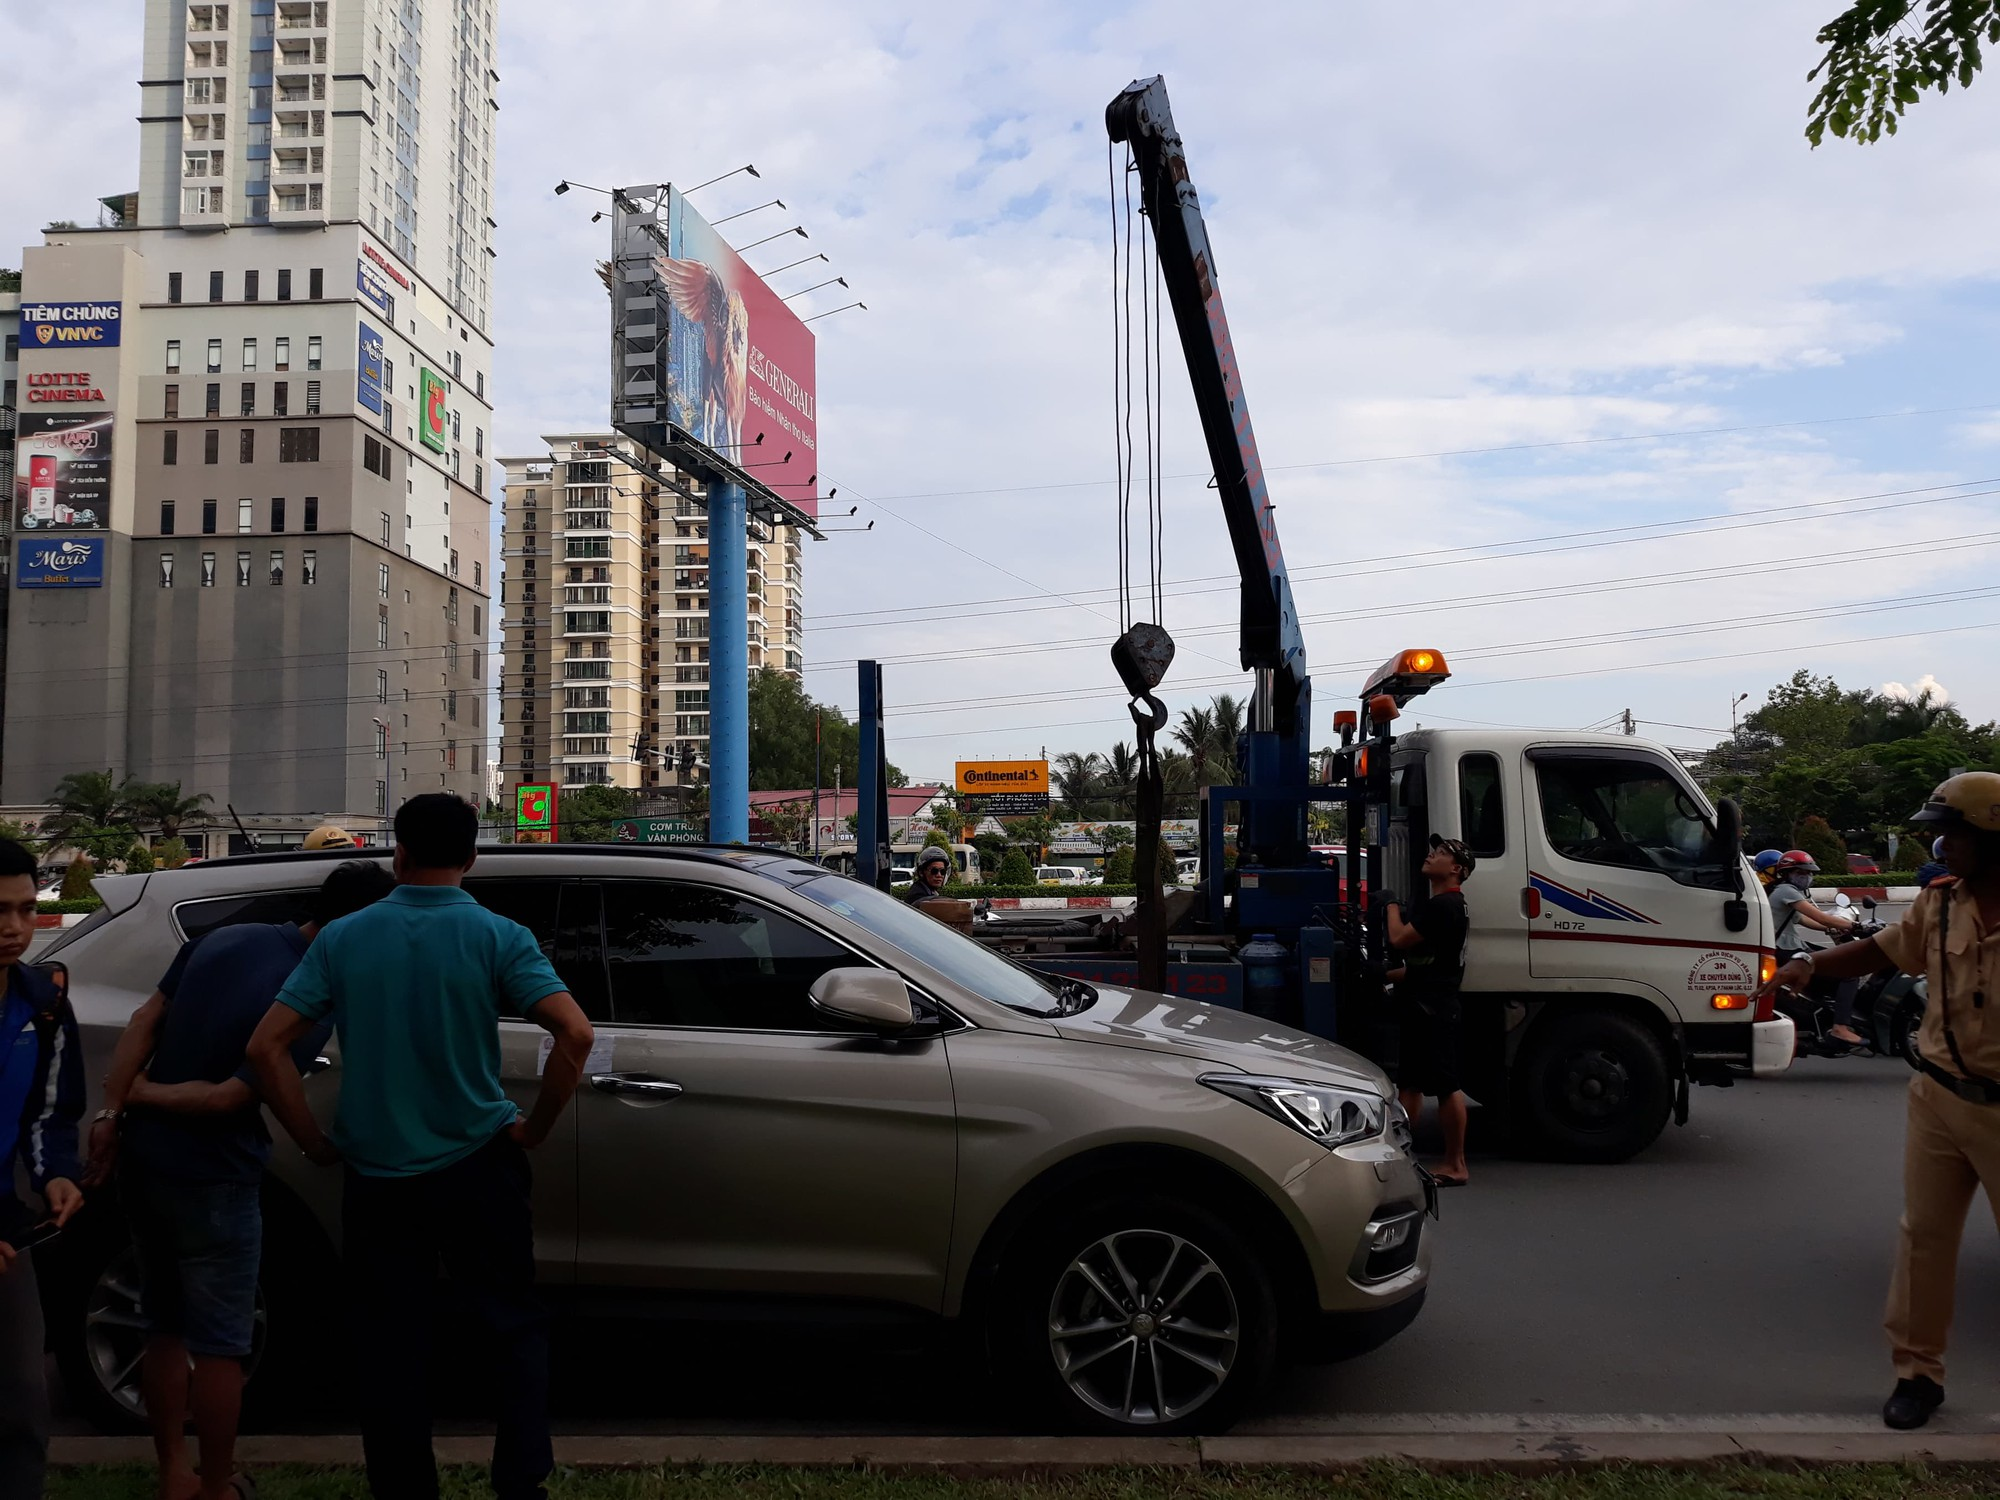 Chủ xe cầm bọc tiền cố thủ trên Mercedes GLS hơn 5 tỷ sau khi bị CSGT kiểm tra: Tài sản của anh tự nhiên giao cho bọn em cẩu về, anh có bị thần kinh đâu-3